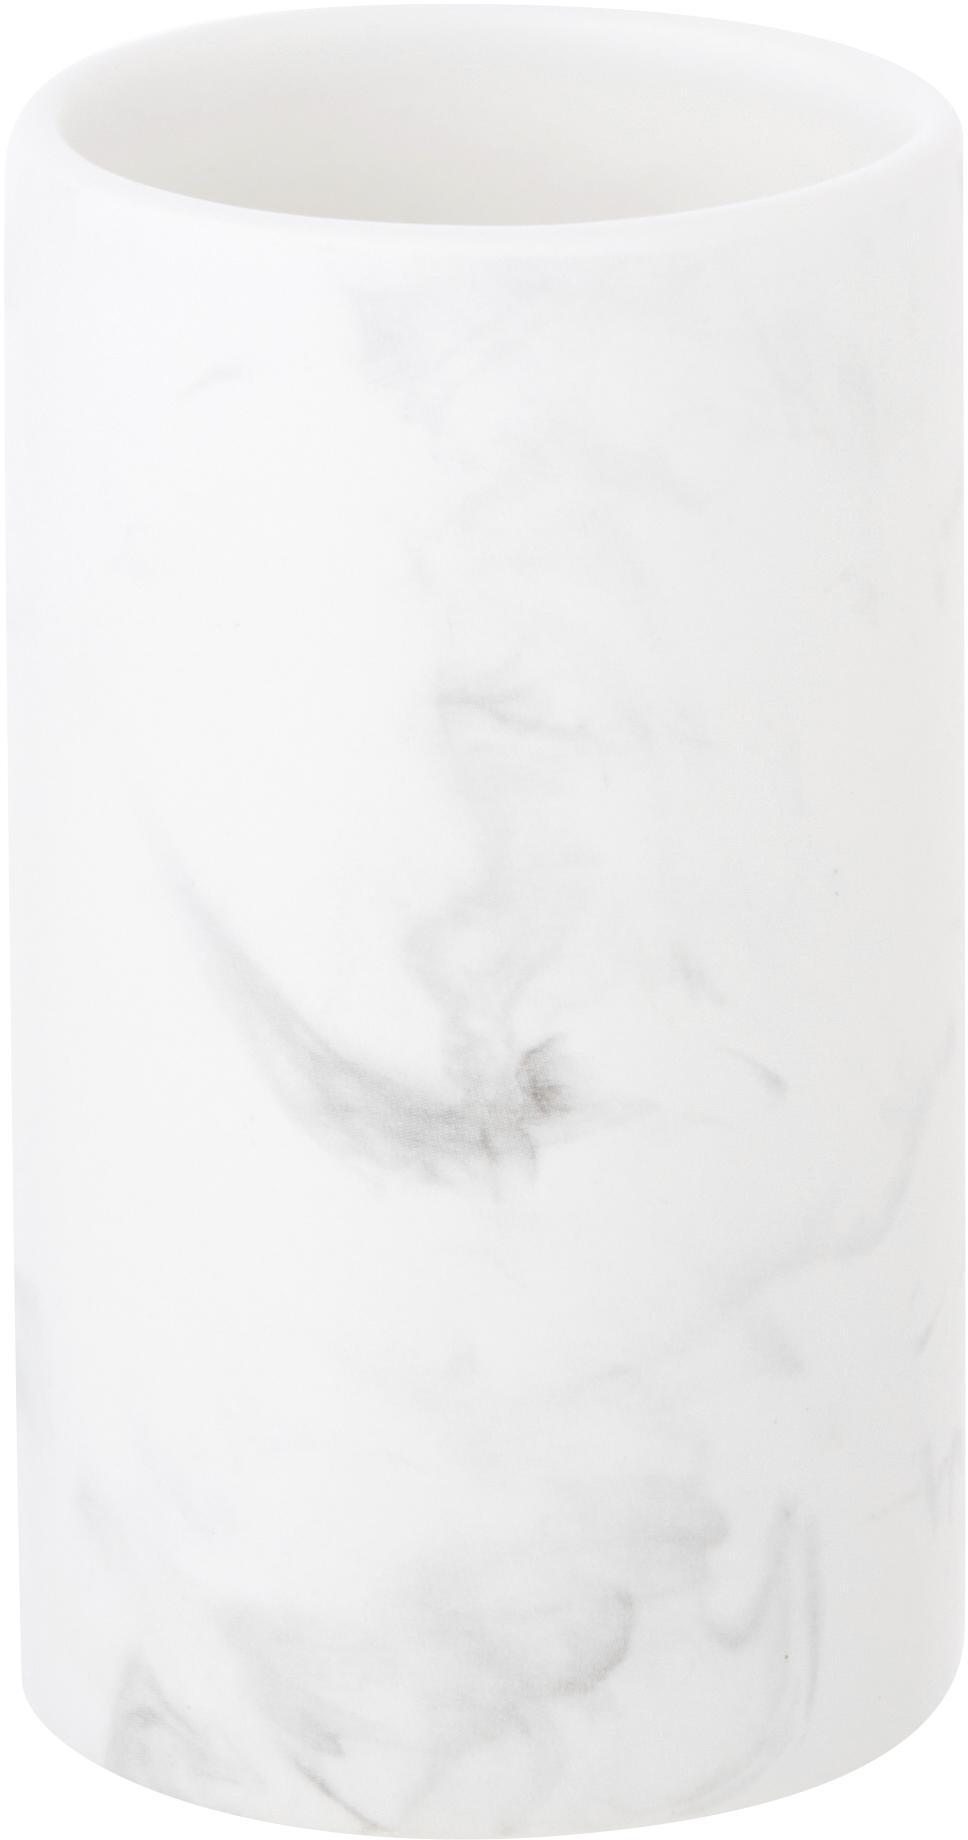 Keramik-Zahnputzbecher Daro, Keramik, Weiss, Ø 7 x H 11 cm